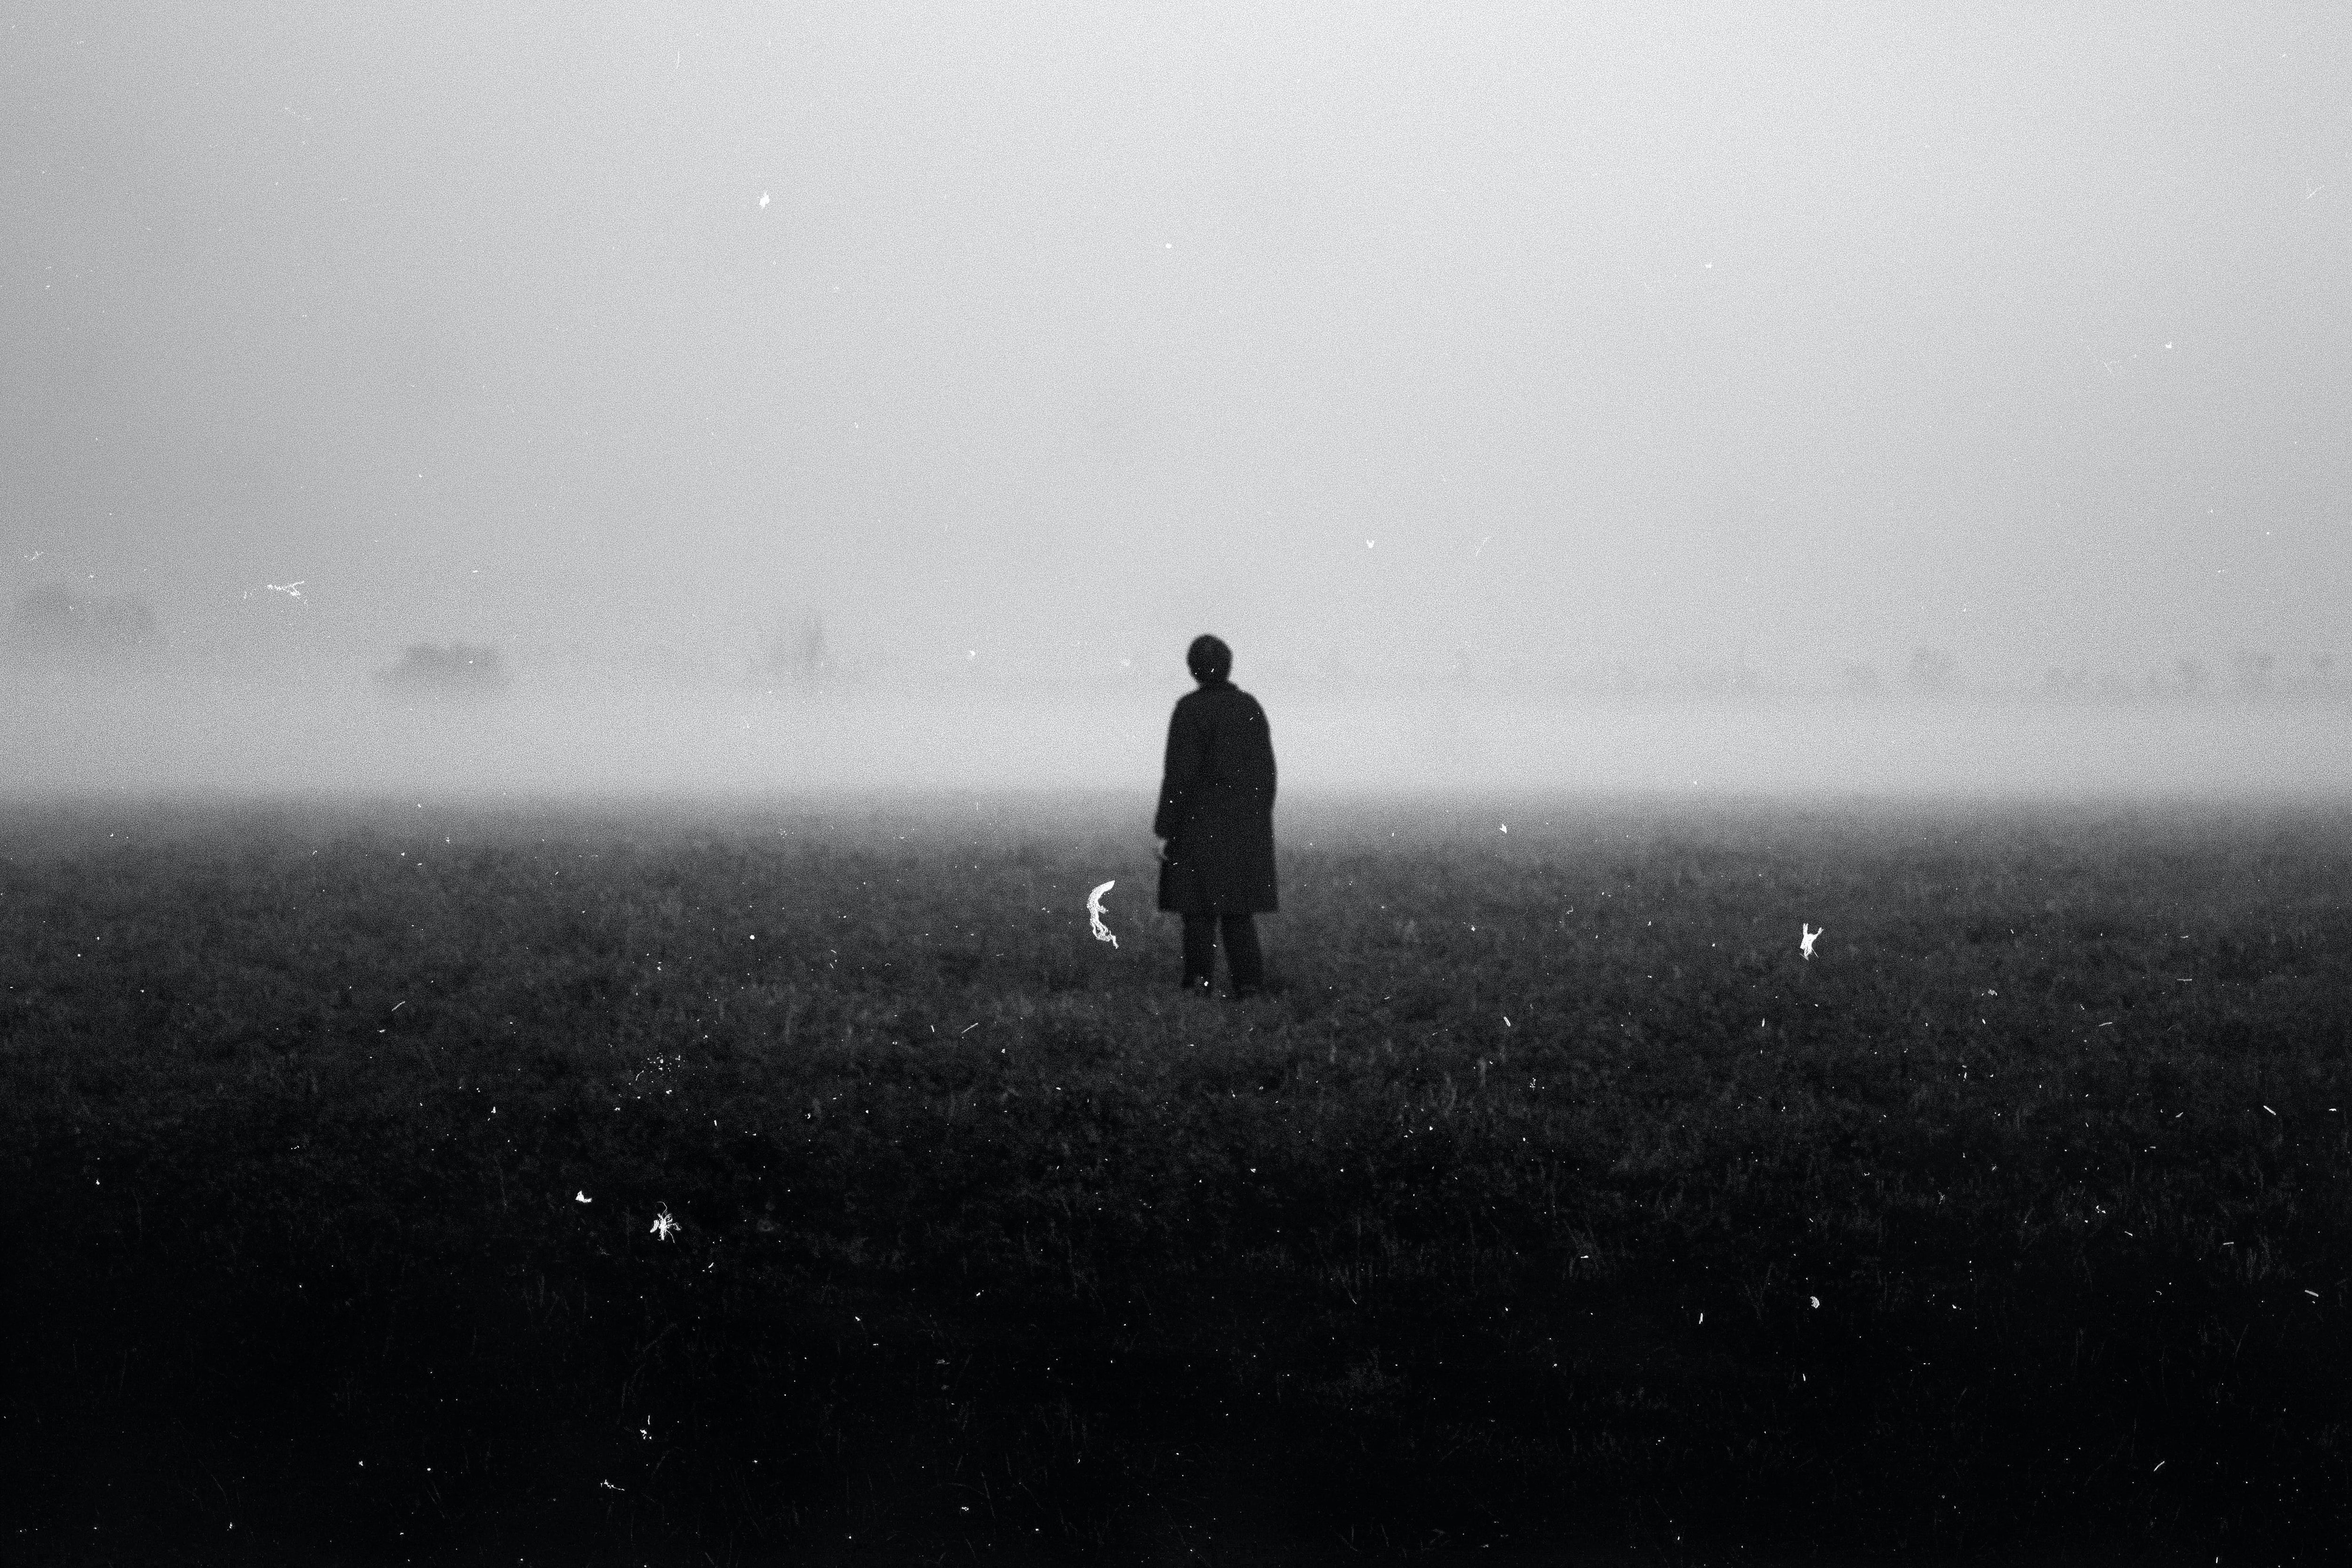 那些揮之不去的傷心記憶:創傷後壓力障礙症 - 失落花園 | 陳俊欽精神科醫師